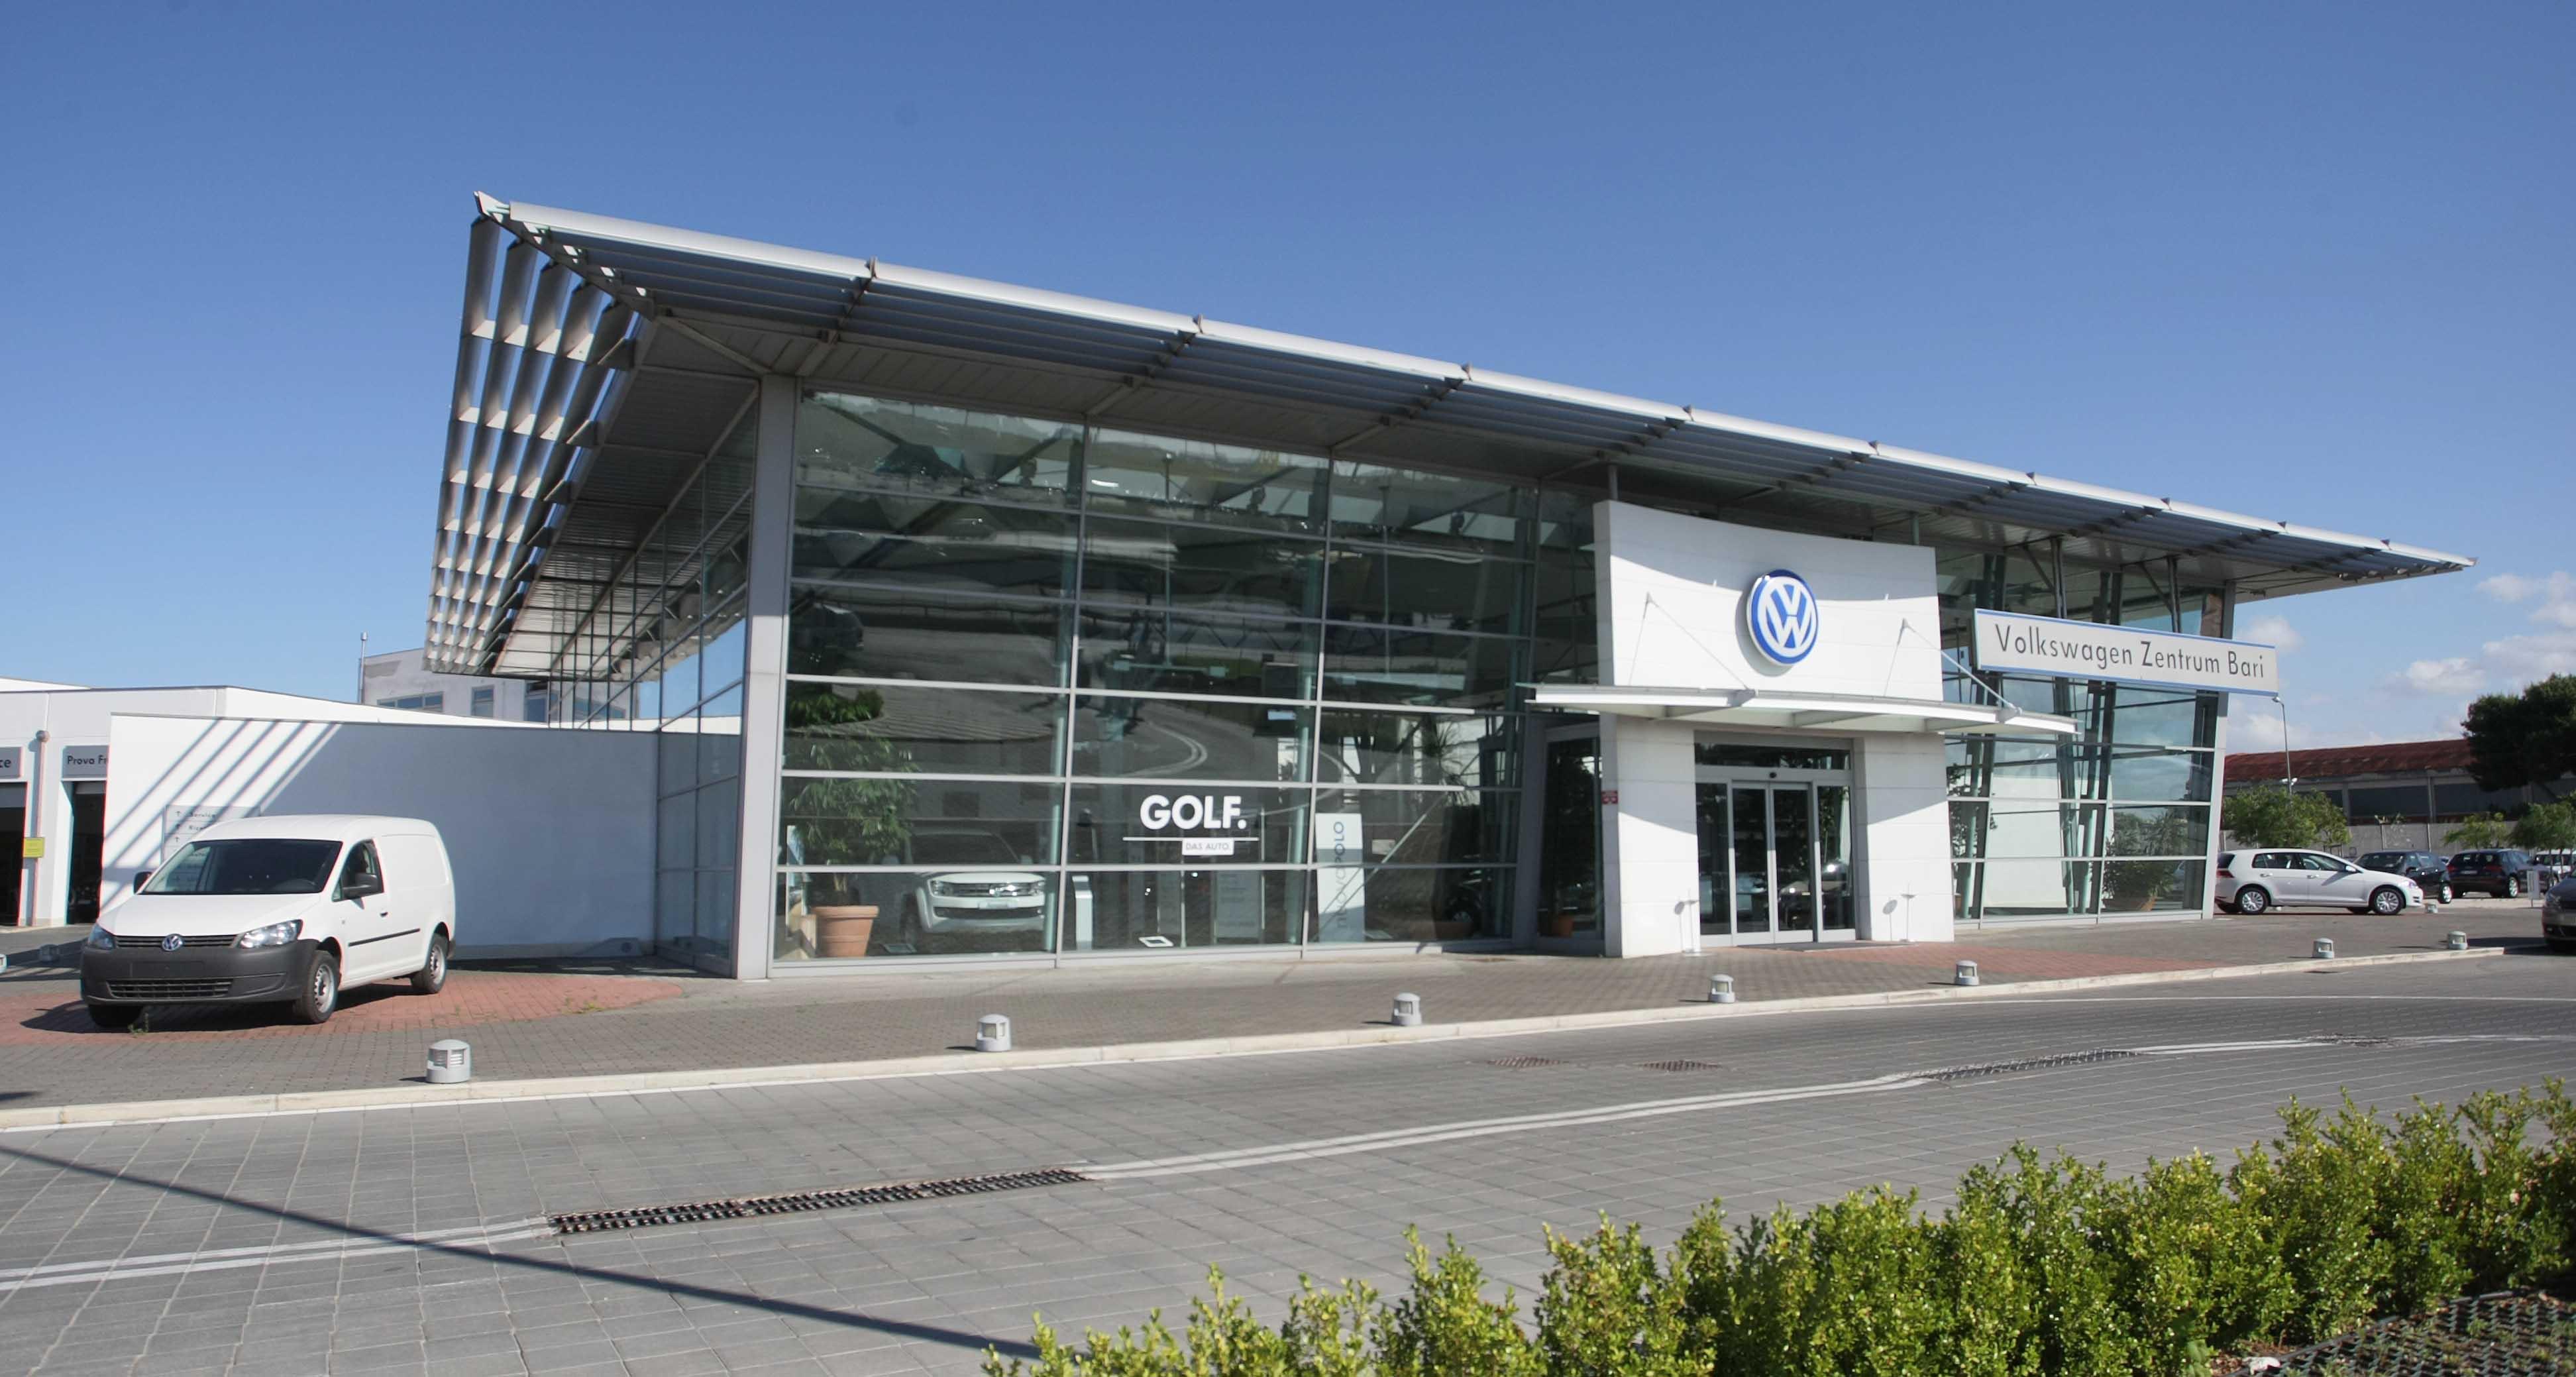 Volkswagen Zentrum Bari